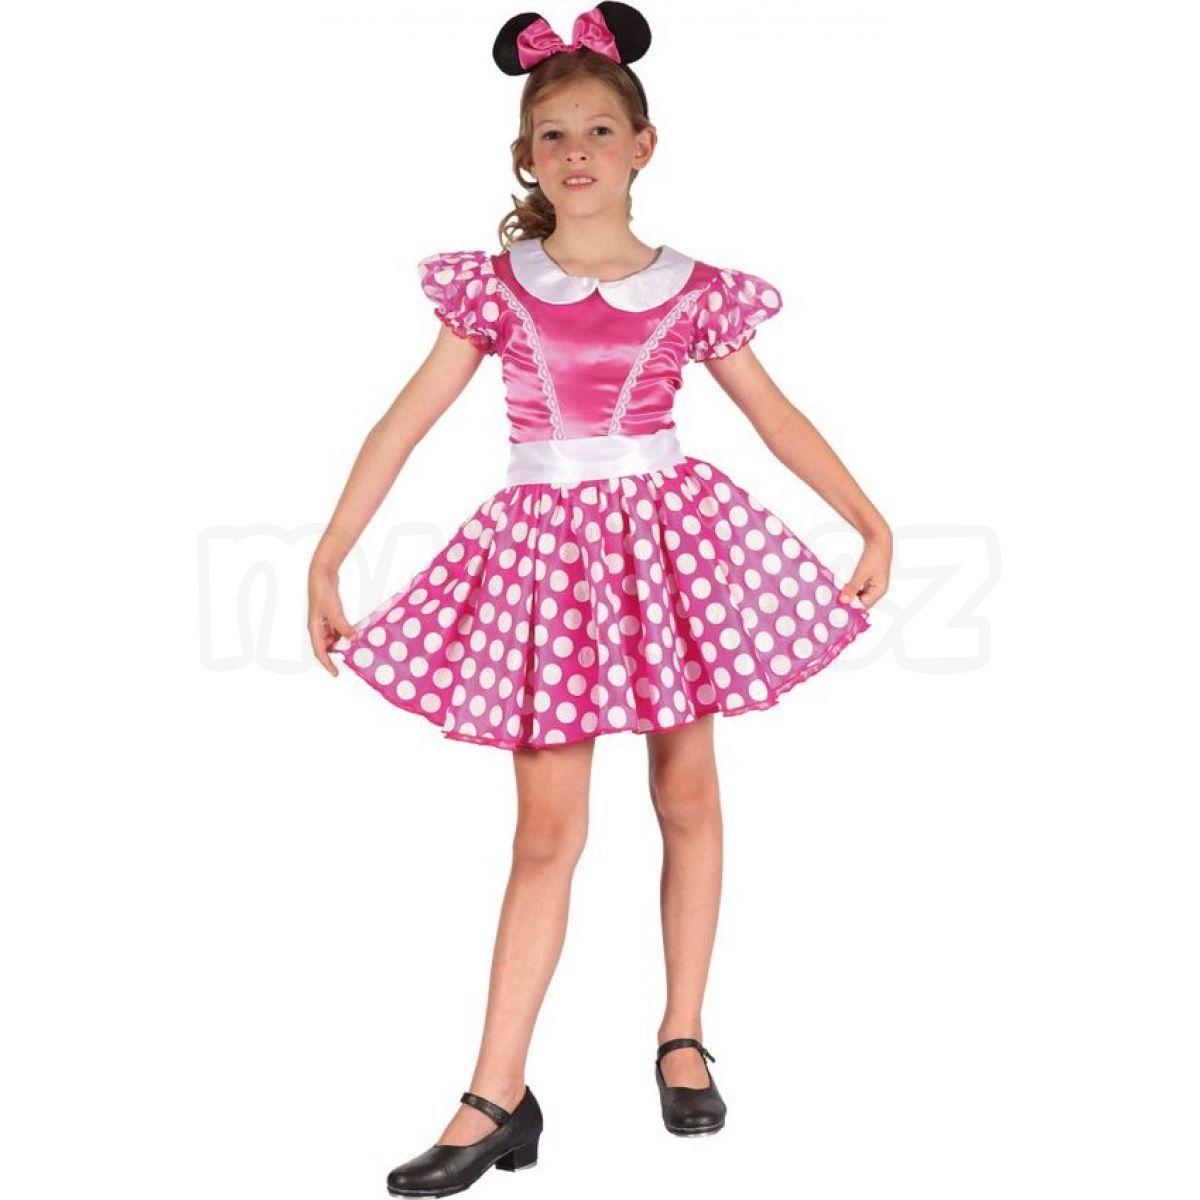 9addb6bfeb5c Made Dětský karnevalový kostým Myška 110-120 cm